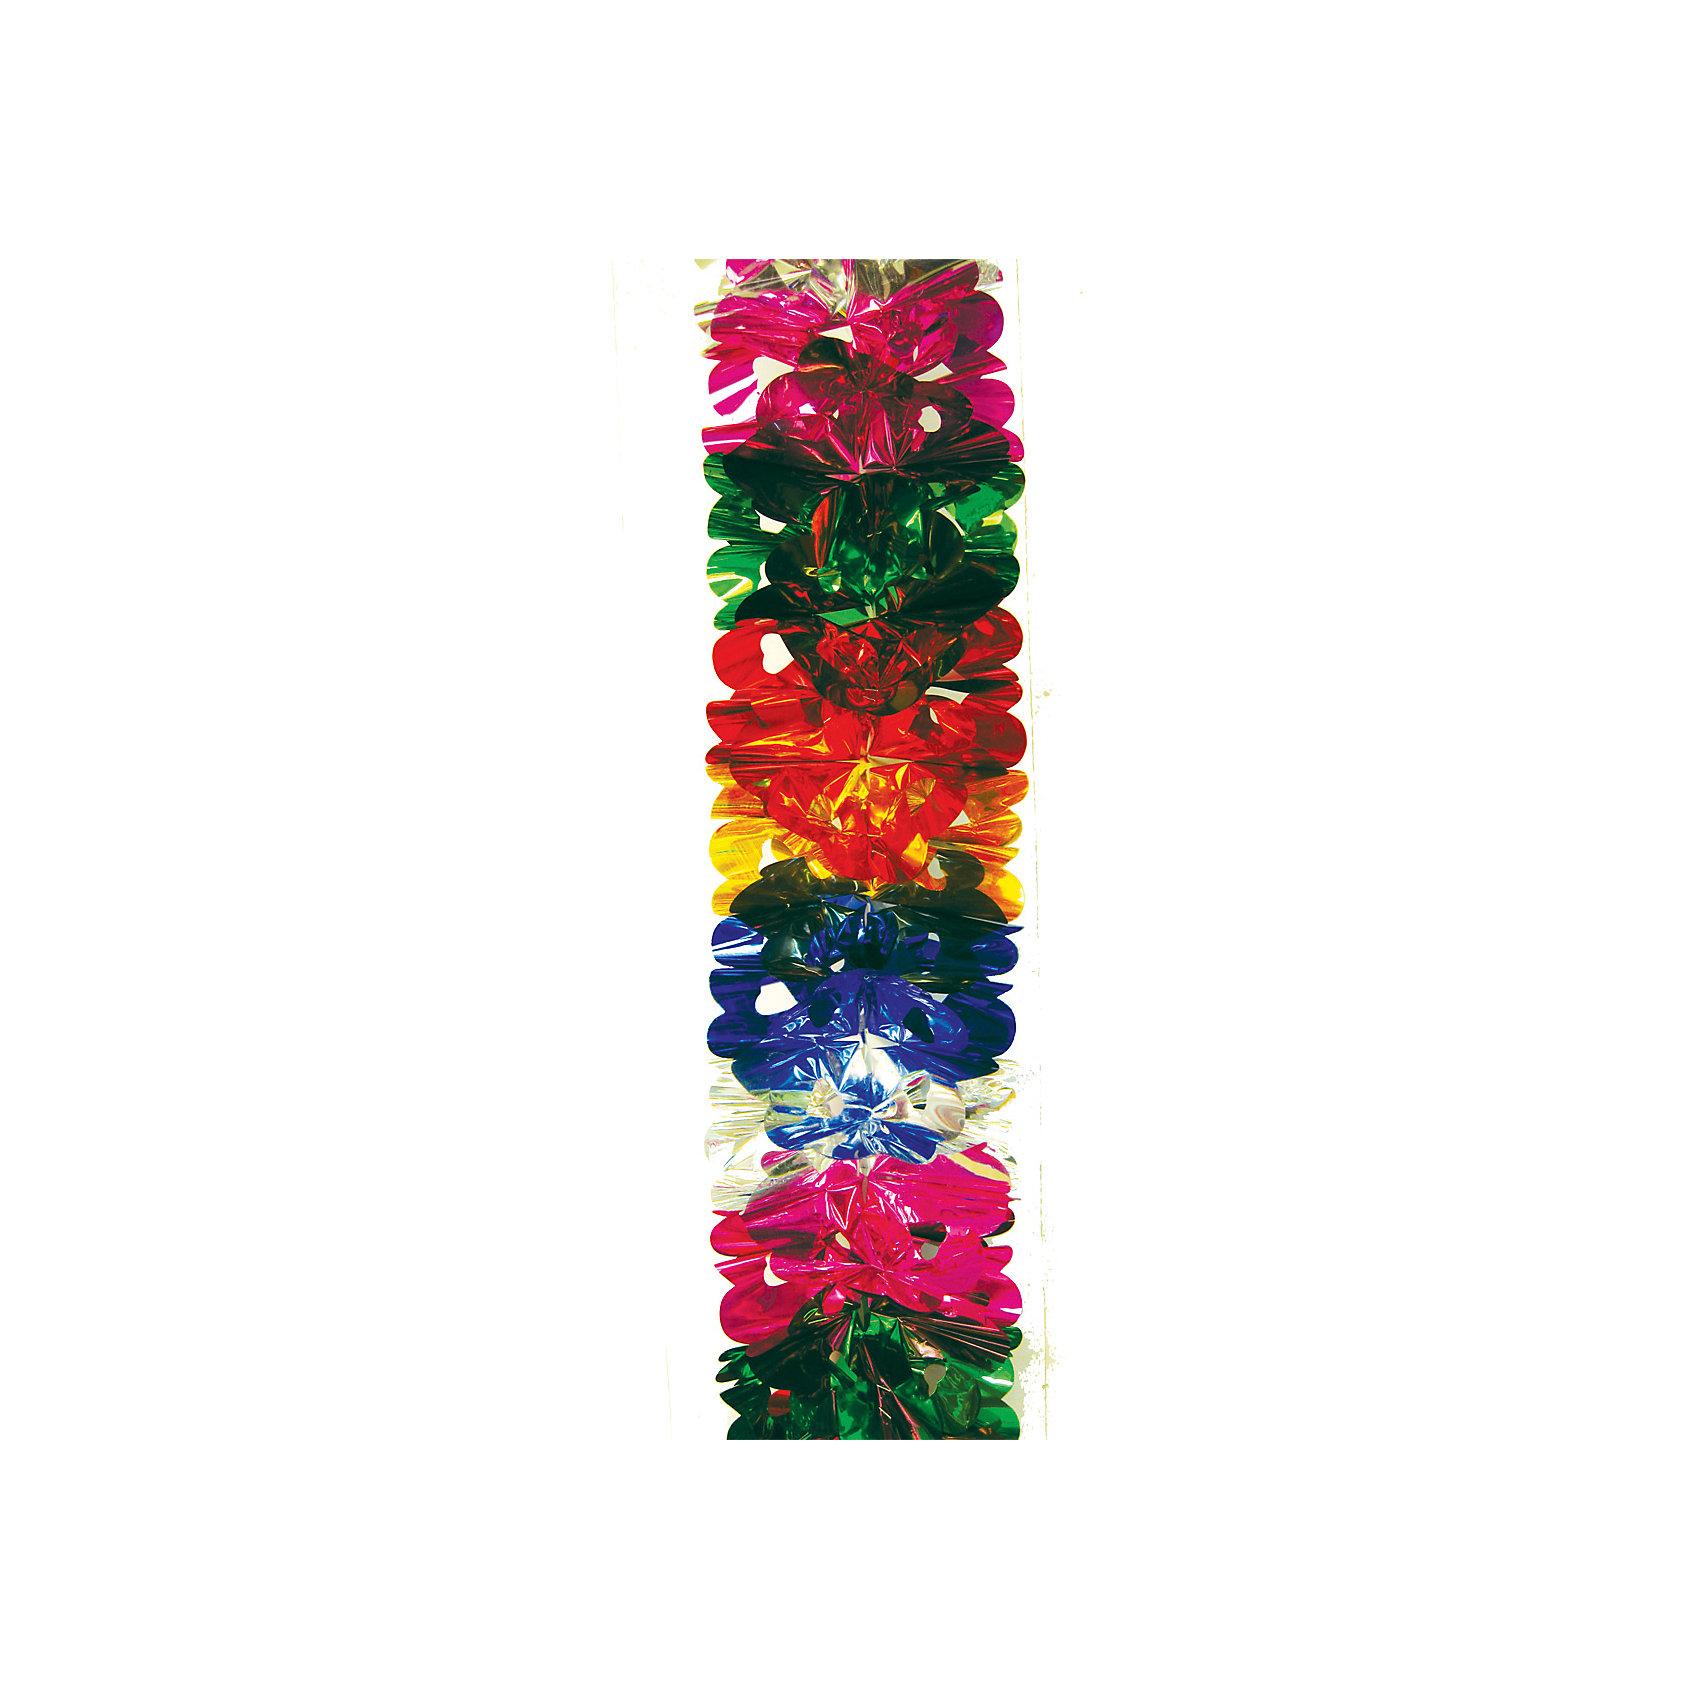 Marko Ferenzo Гирлянда Цветы, Marko Ferenzo живые цветы в вакууме купить в саратове